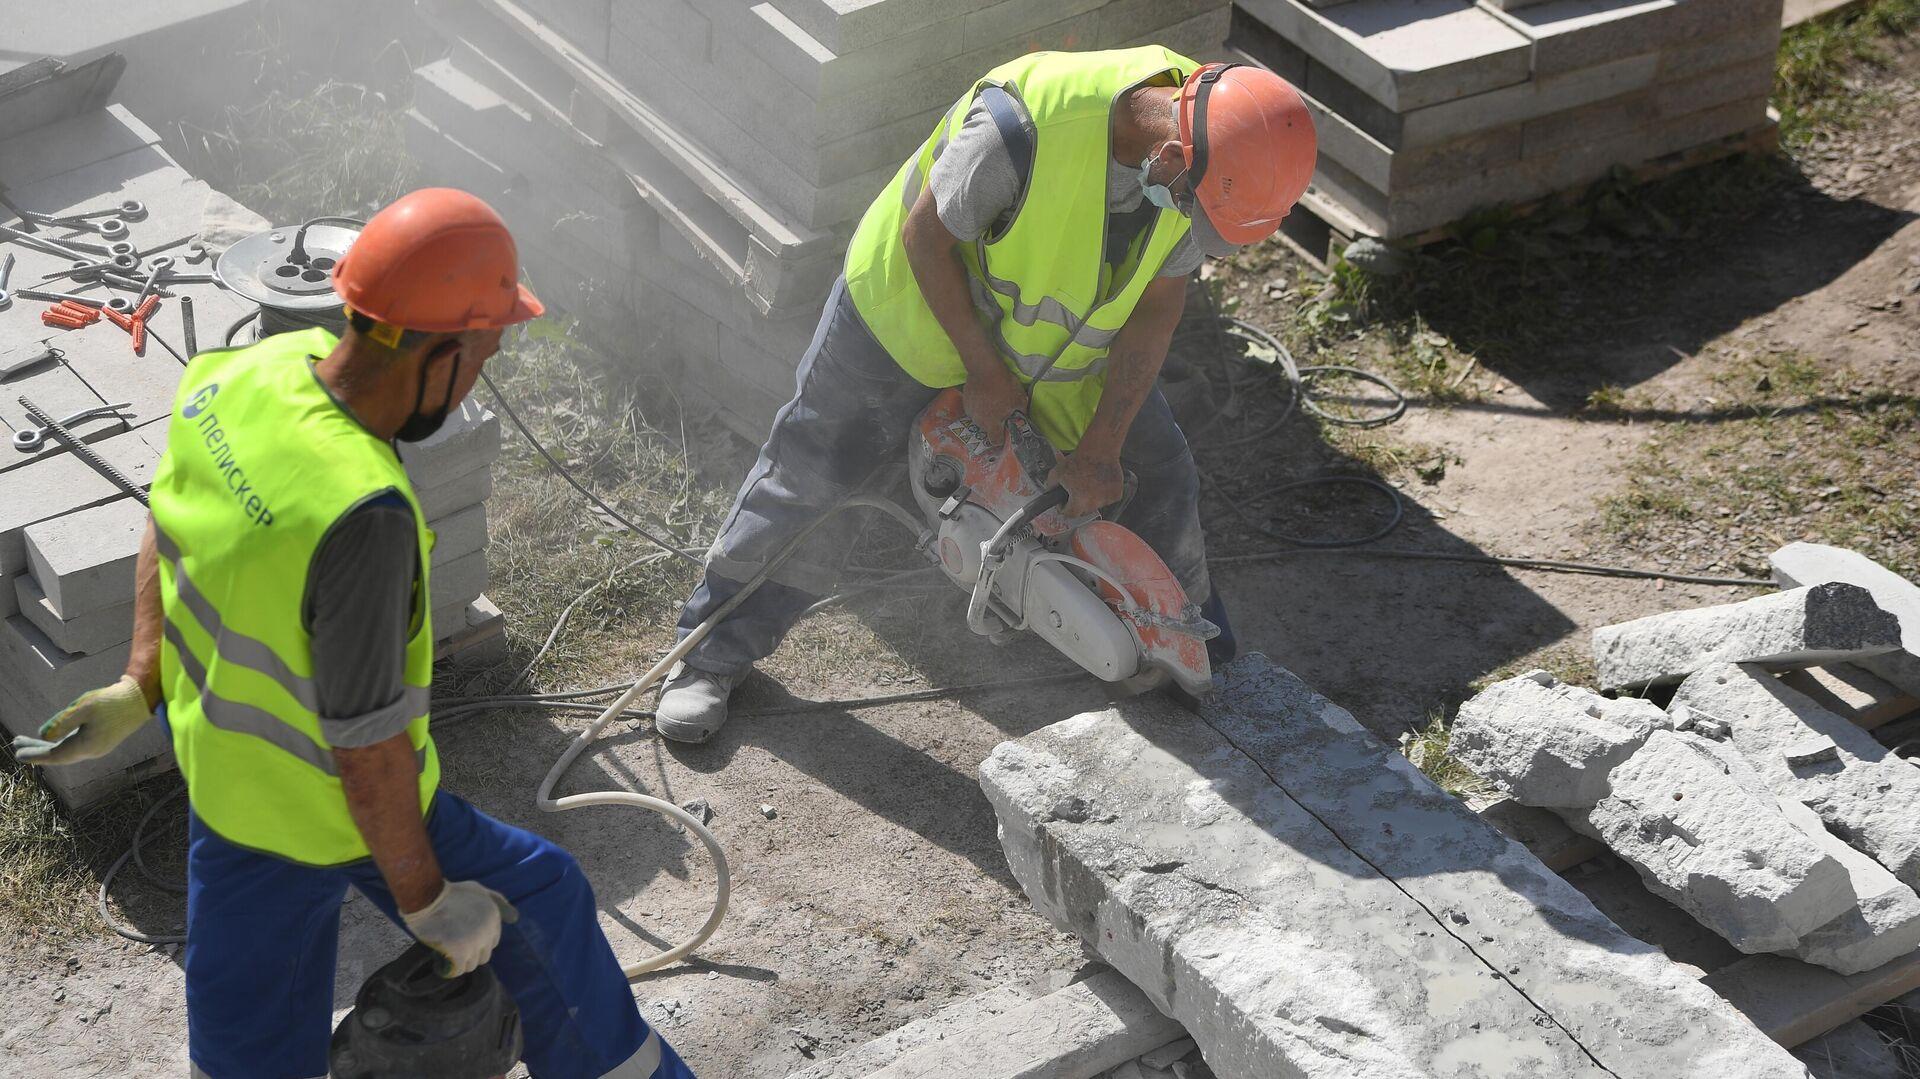 Рабочие на строительной площадке на Большом Каменном мосту - Sputnik Узбекистан, 1920, 23.09.2021